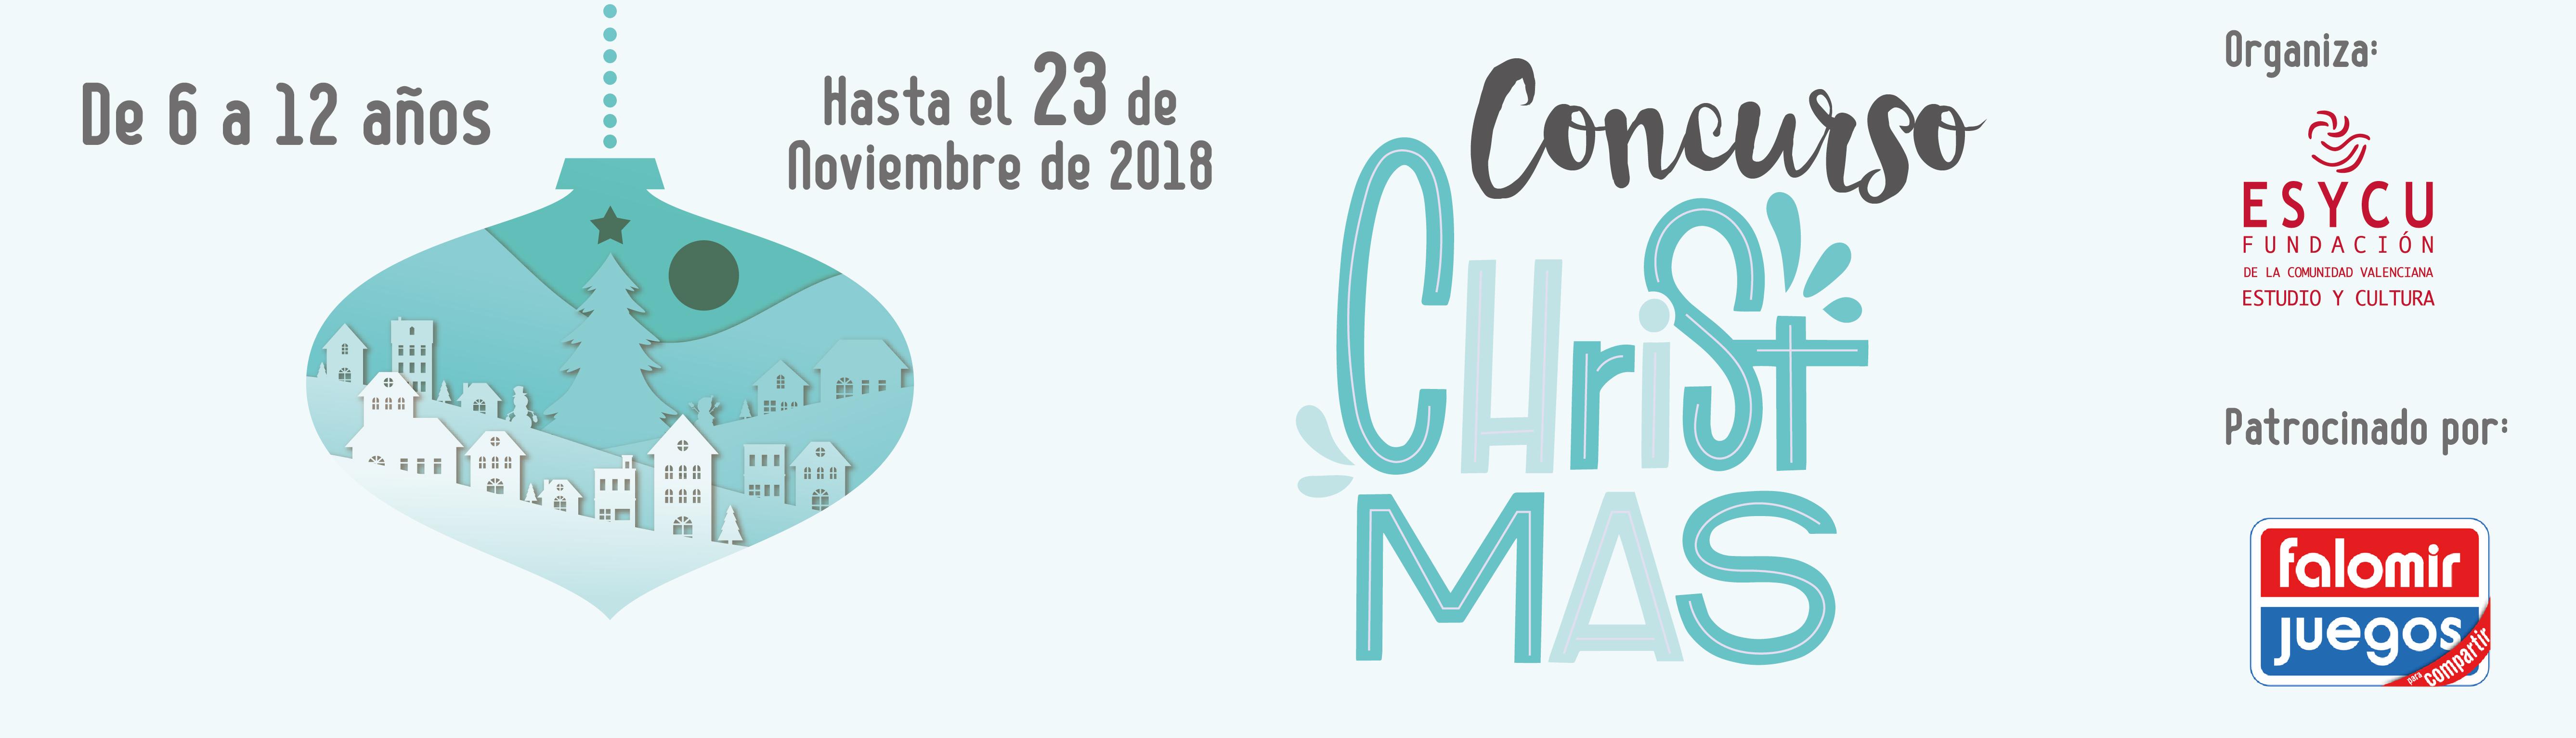 Concurso Christmas 18 Banner